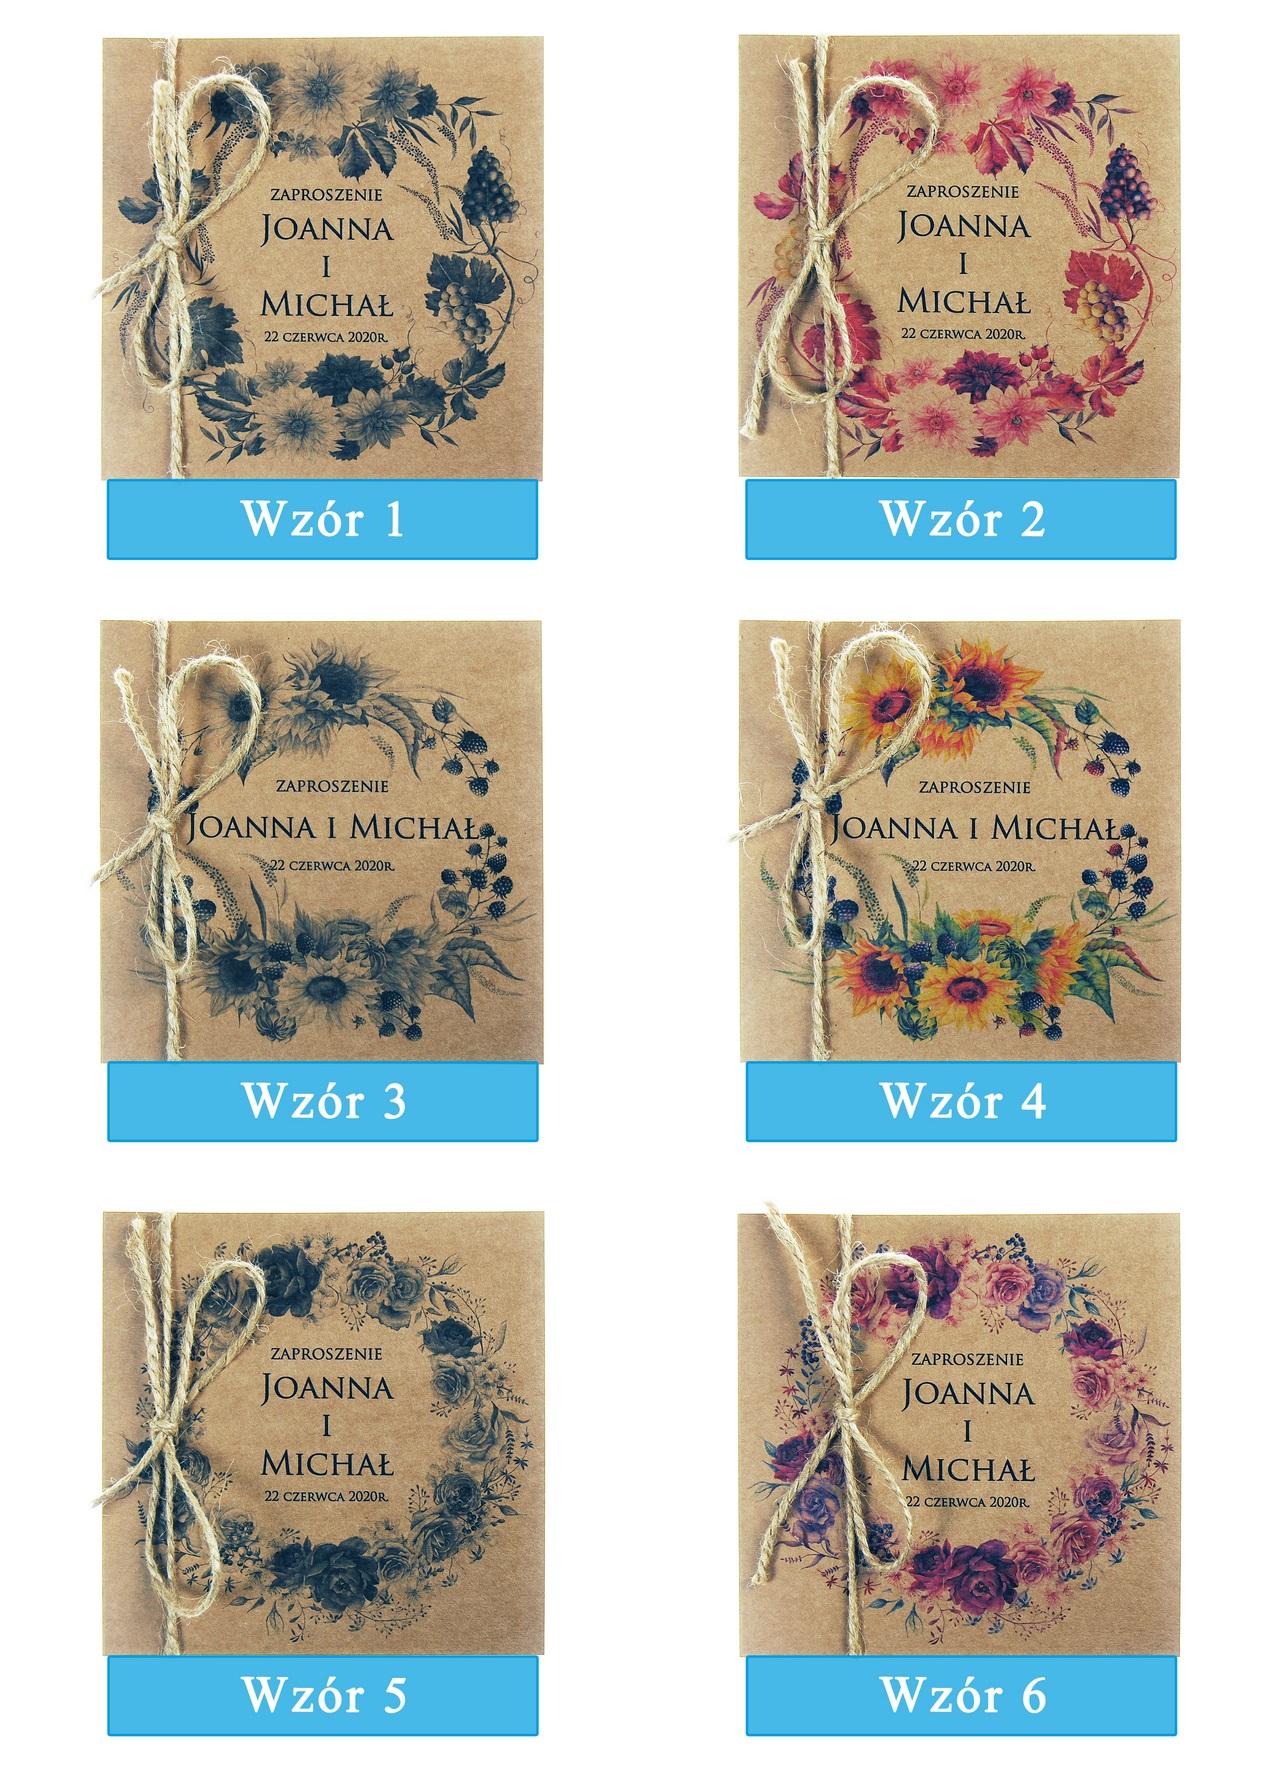 zaproszenia-ślubne-boho-wianki-kwiatowe-EkoSilena-ekopapier-ekologiczne-plansza-wzory1-6